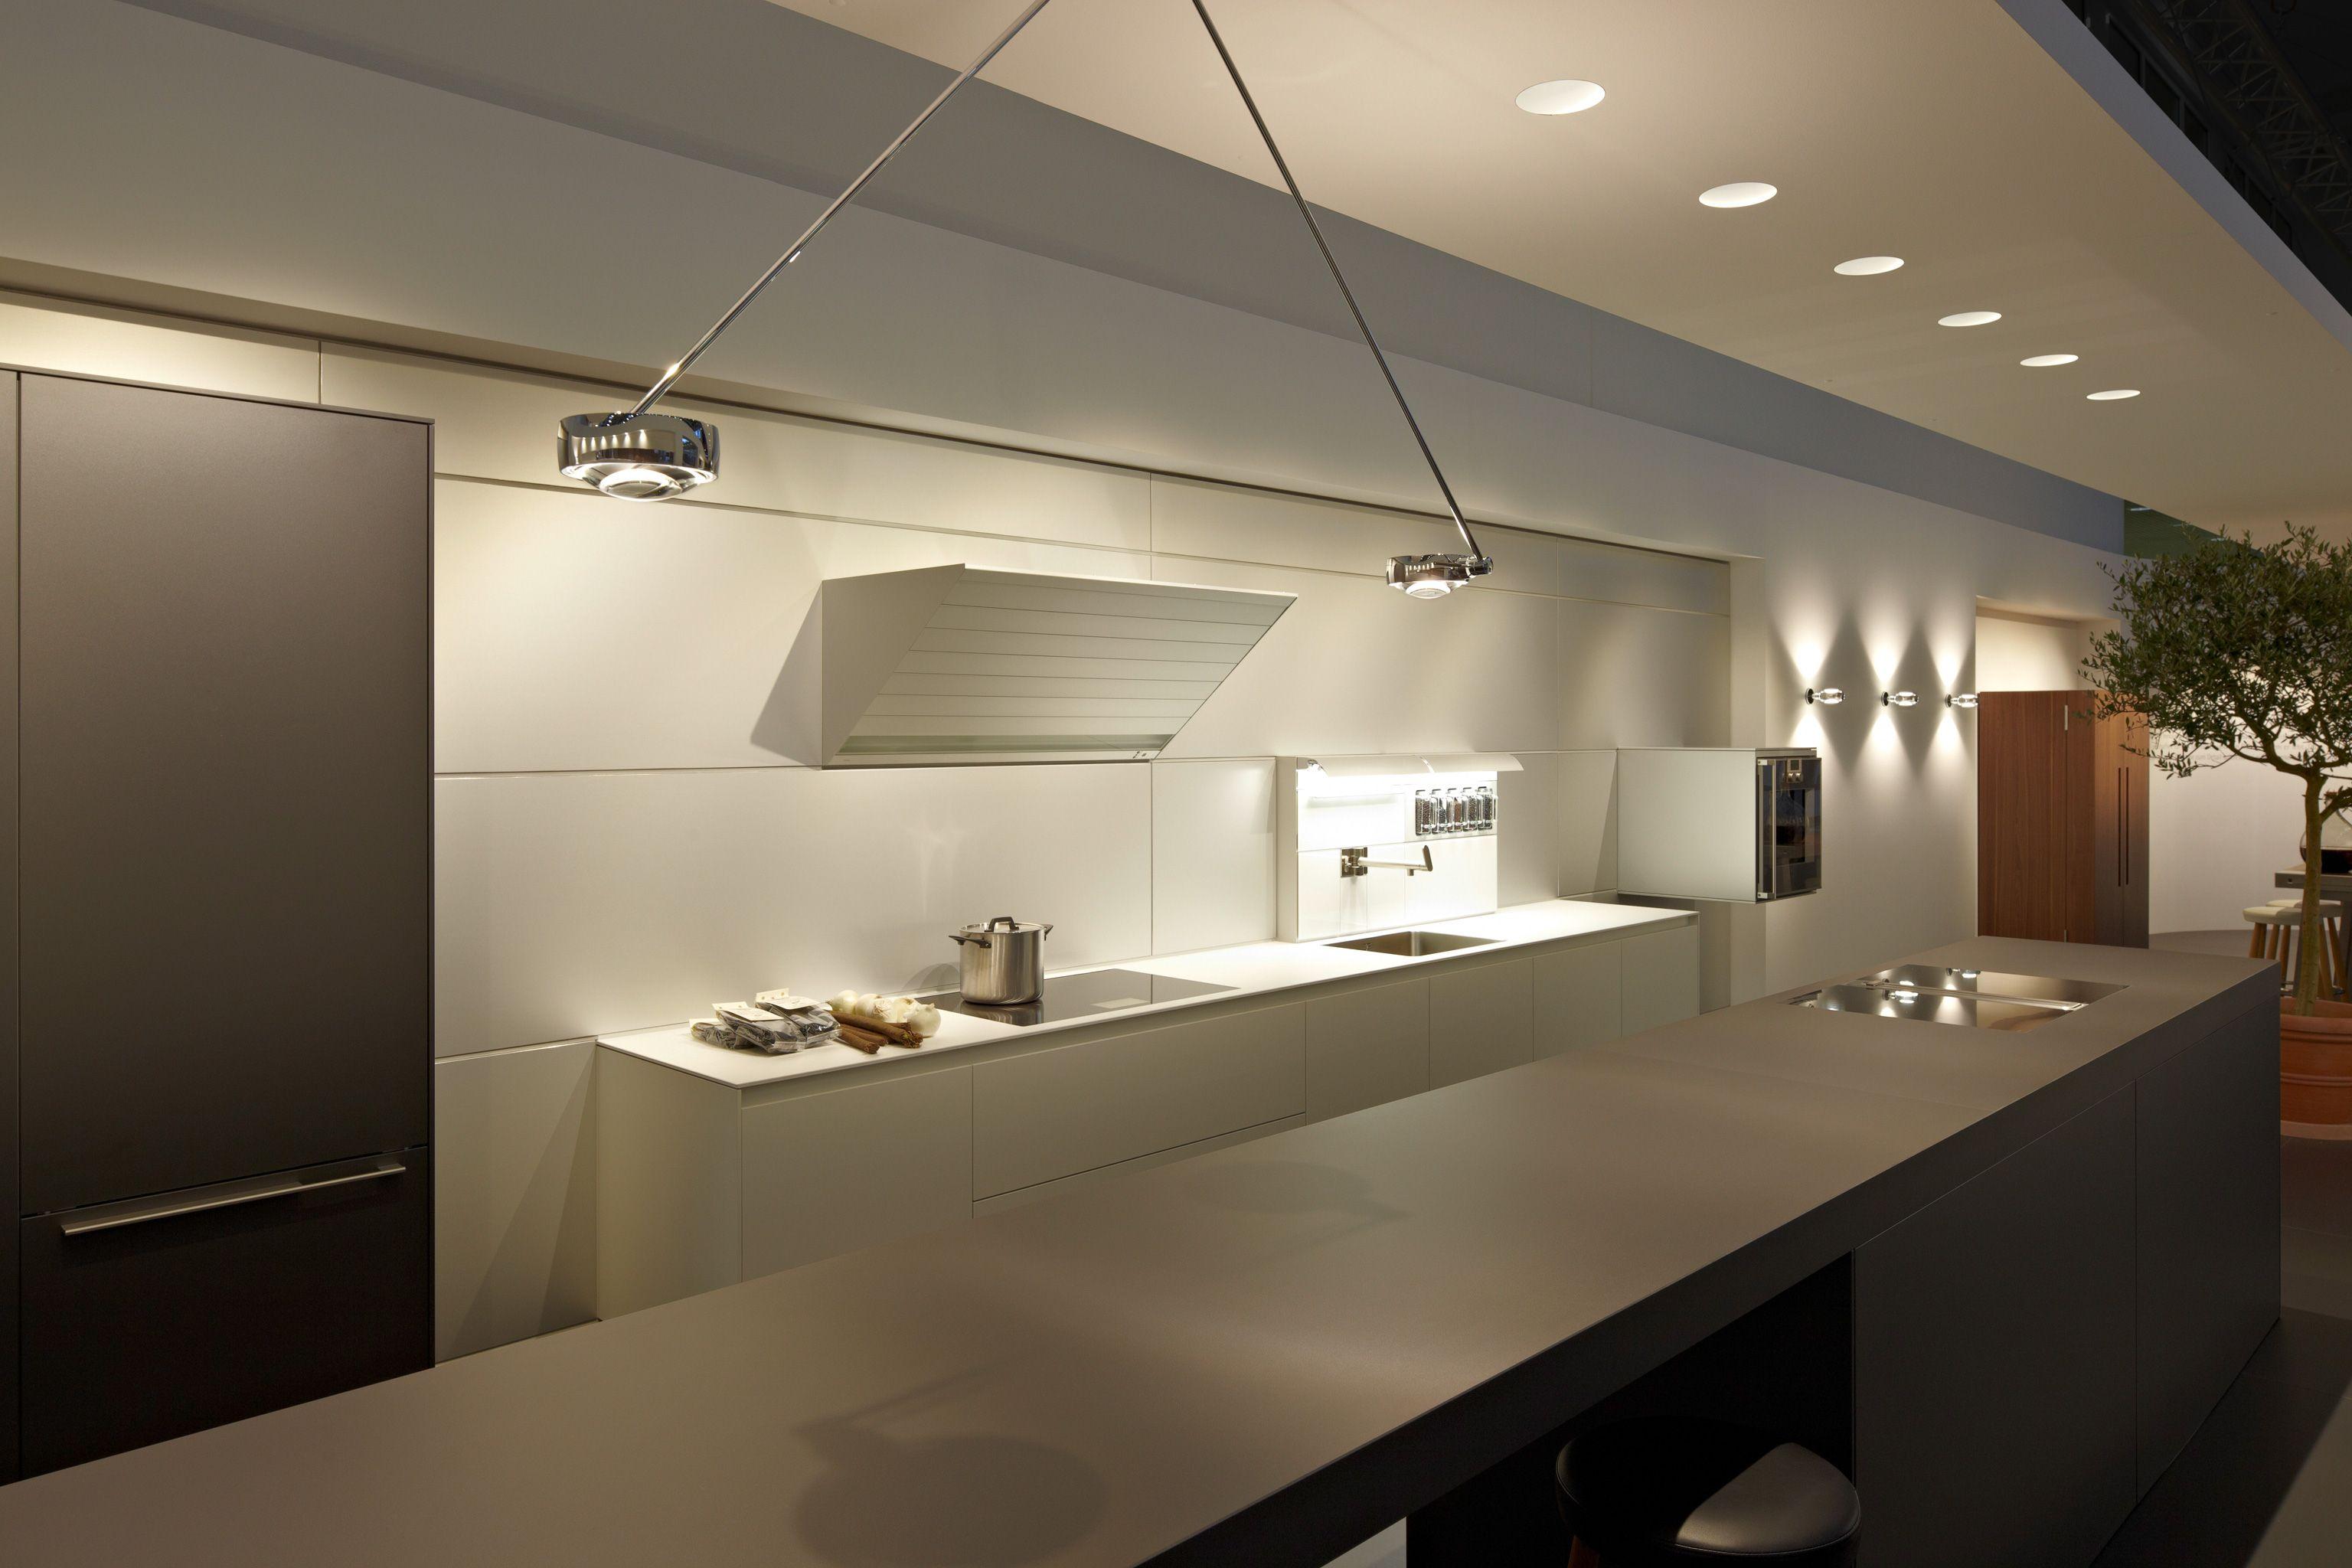 kitchen bar: Sento soffitto due   ceiling: Più piano seamless in ...